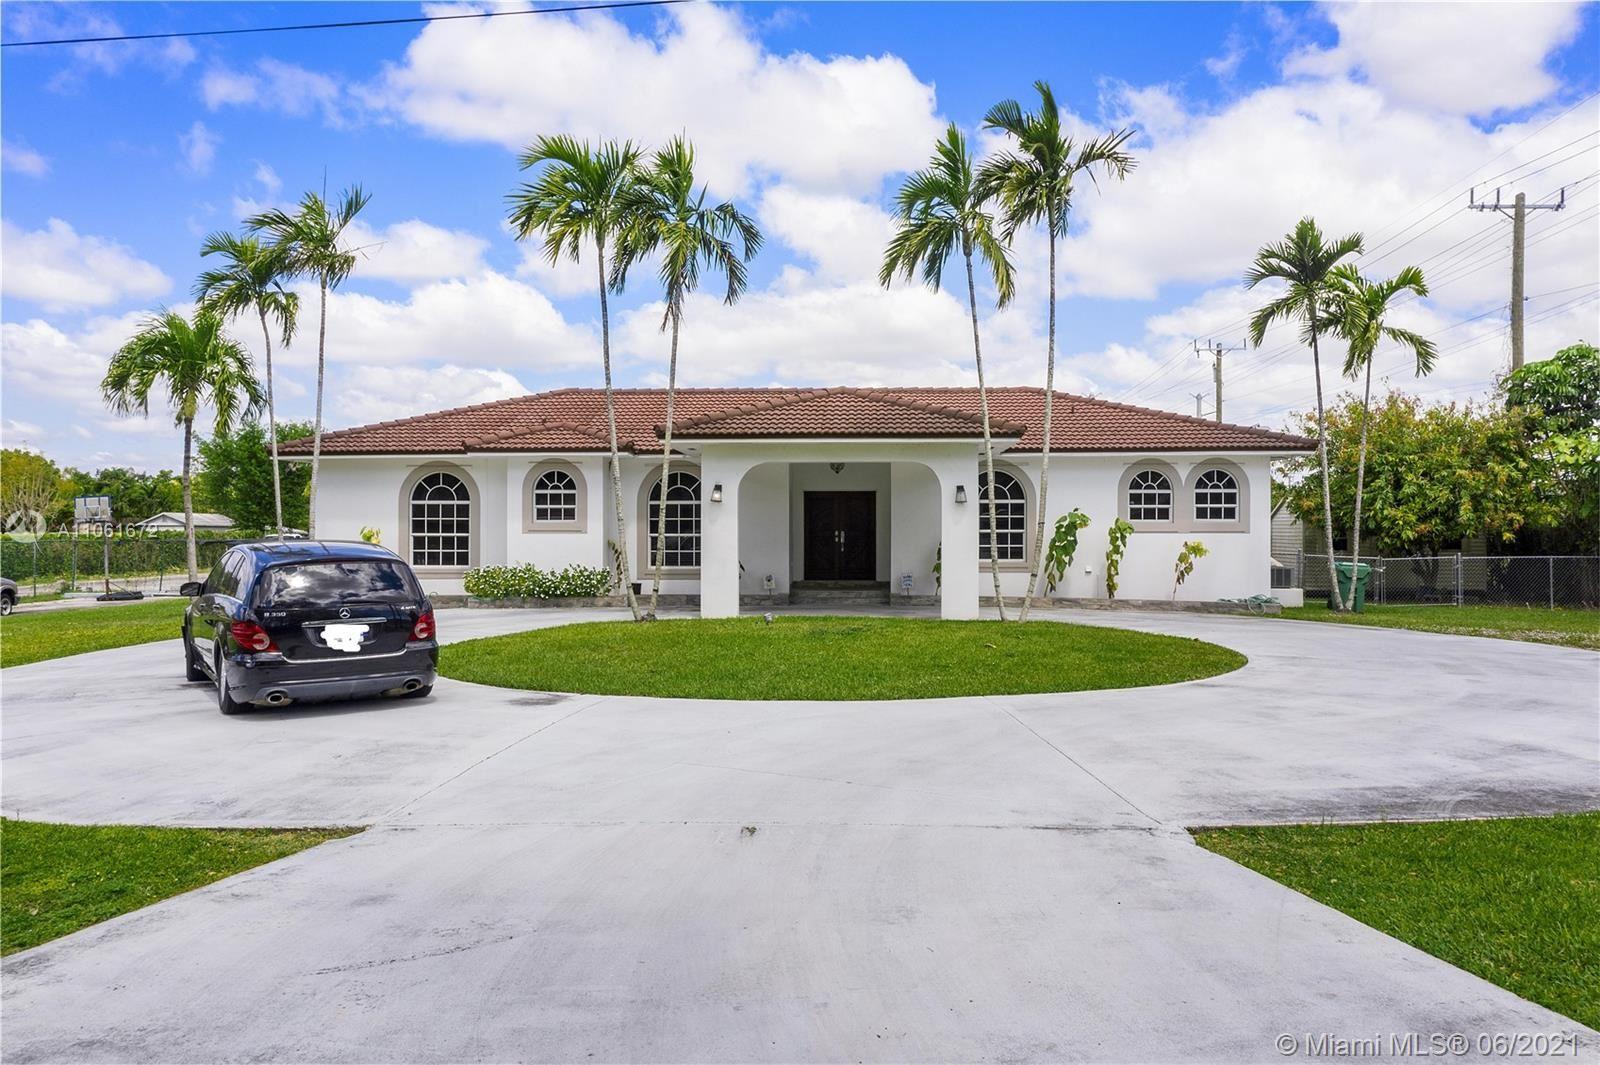 10305 SW 70th St, Miami, FL 33173 - #: A11061672